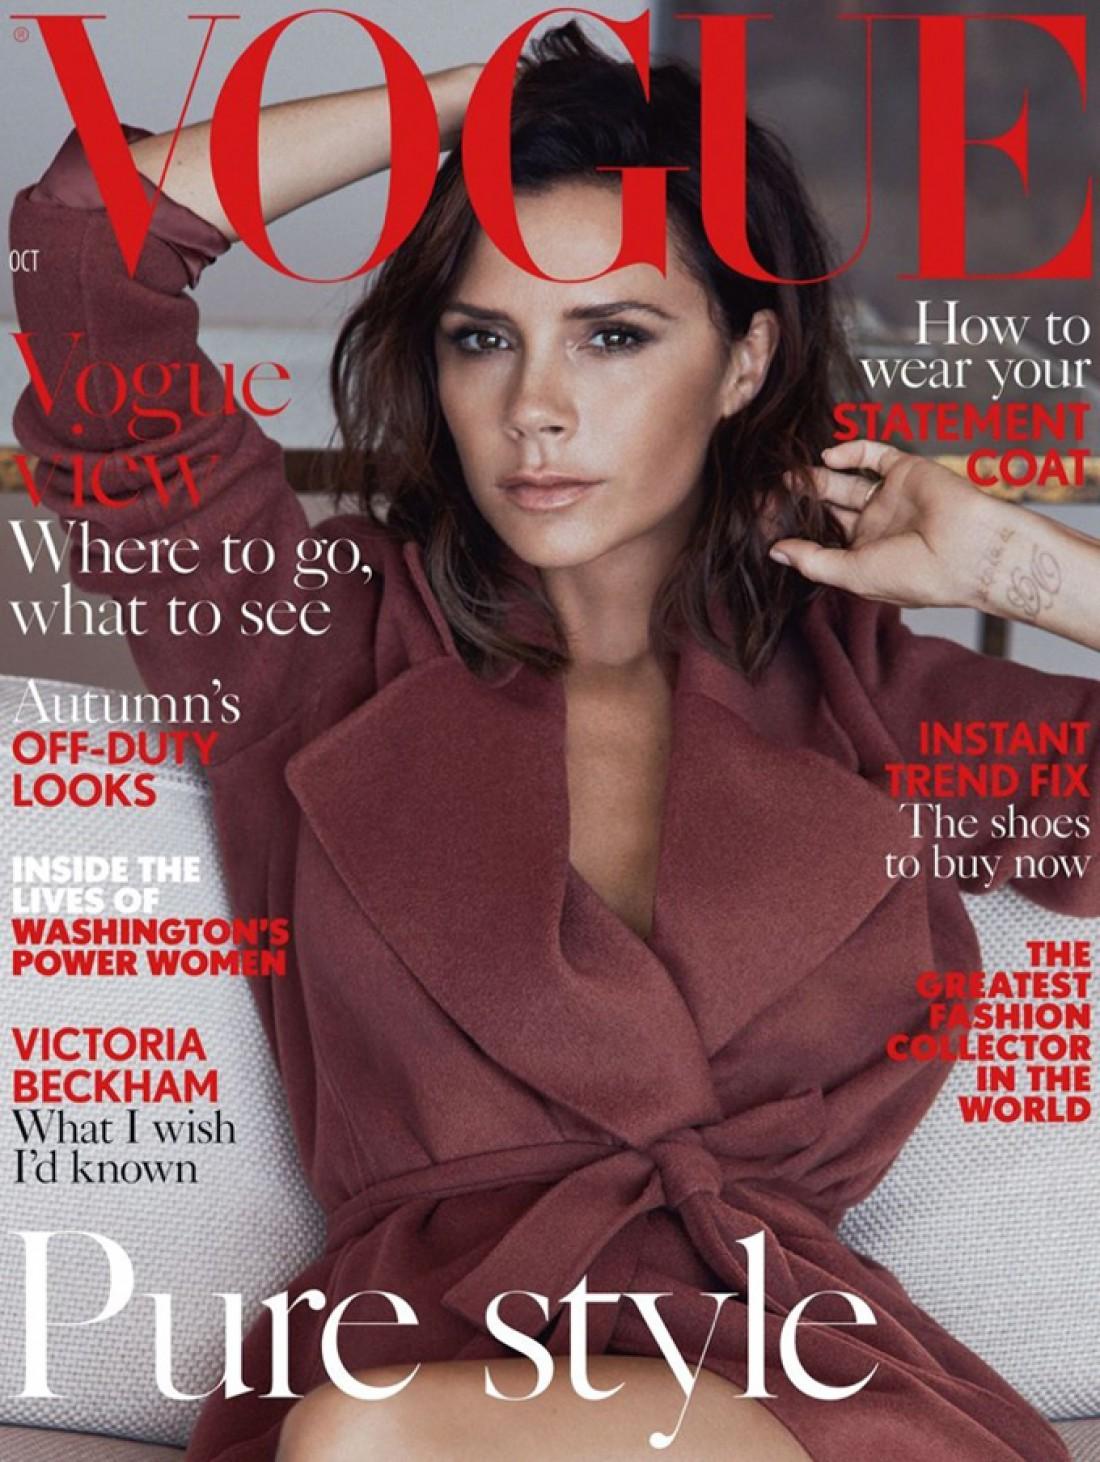 Виктория Бэкхем в новом фотосете для Vogue